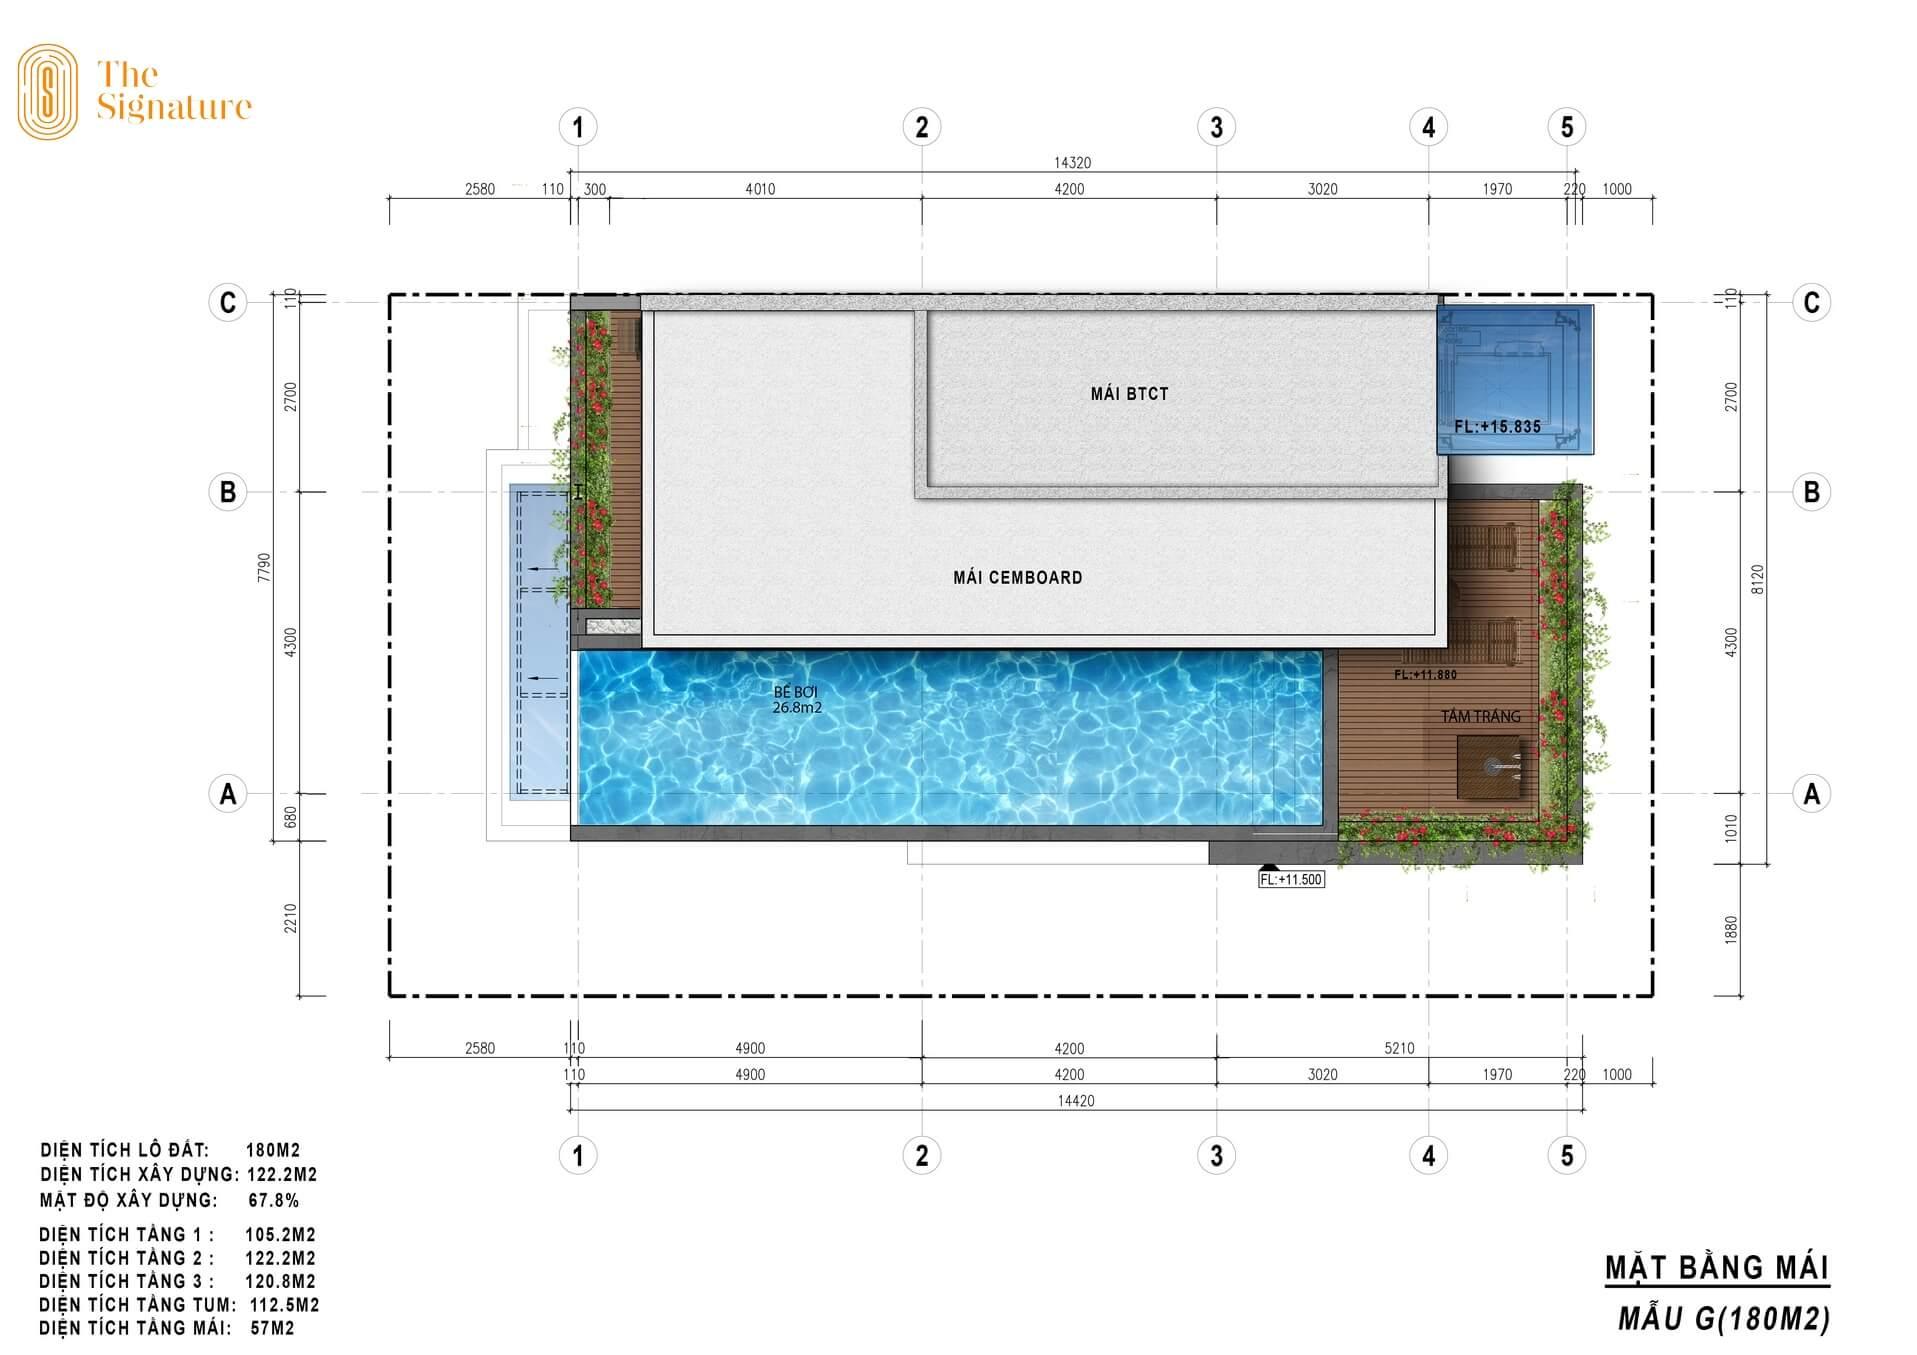 mặt bằng tầng mái biệt thự the signature loại 180m2